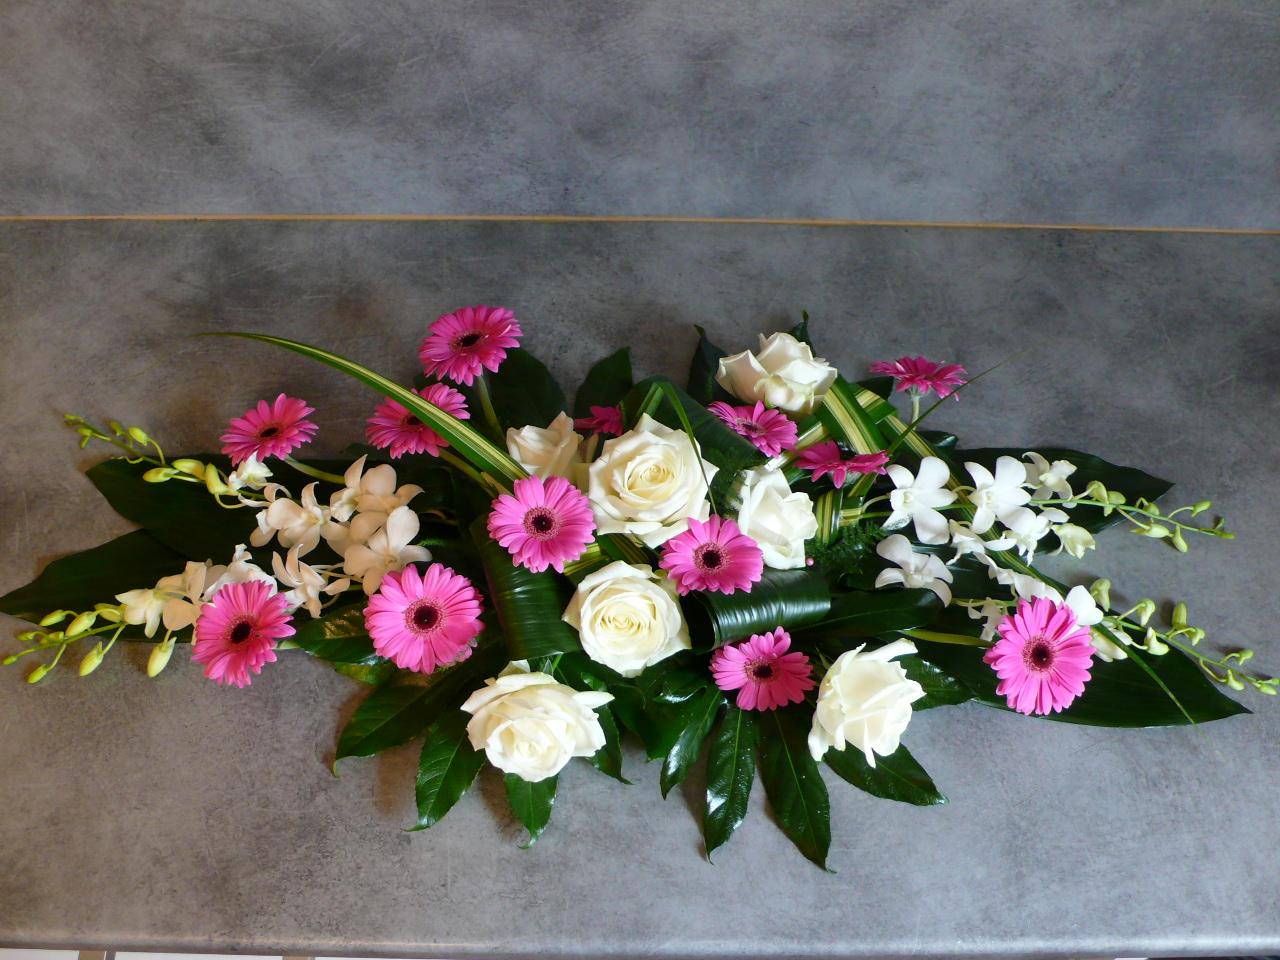 Bouquet de fleurs pour table mariage - Fleur mariage table ...